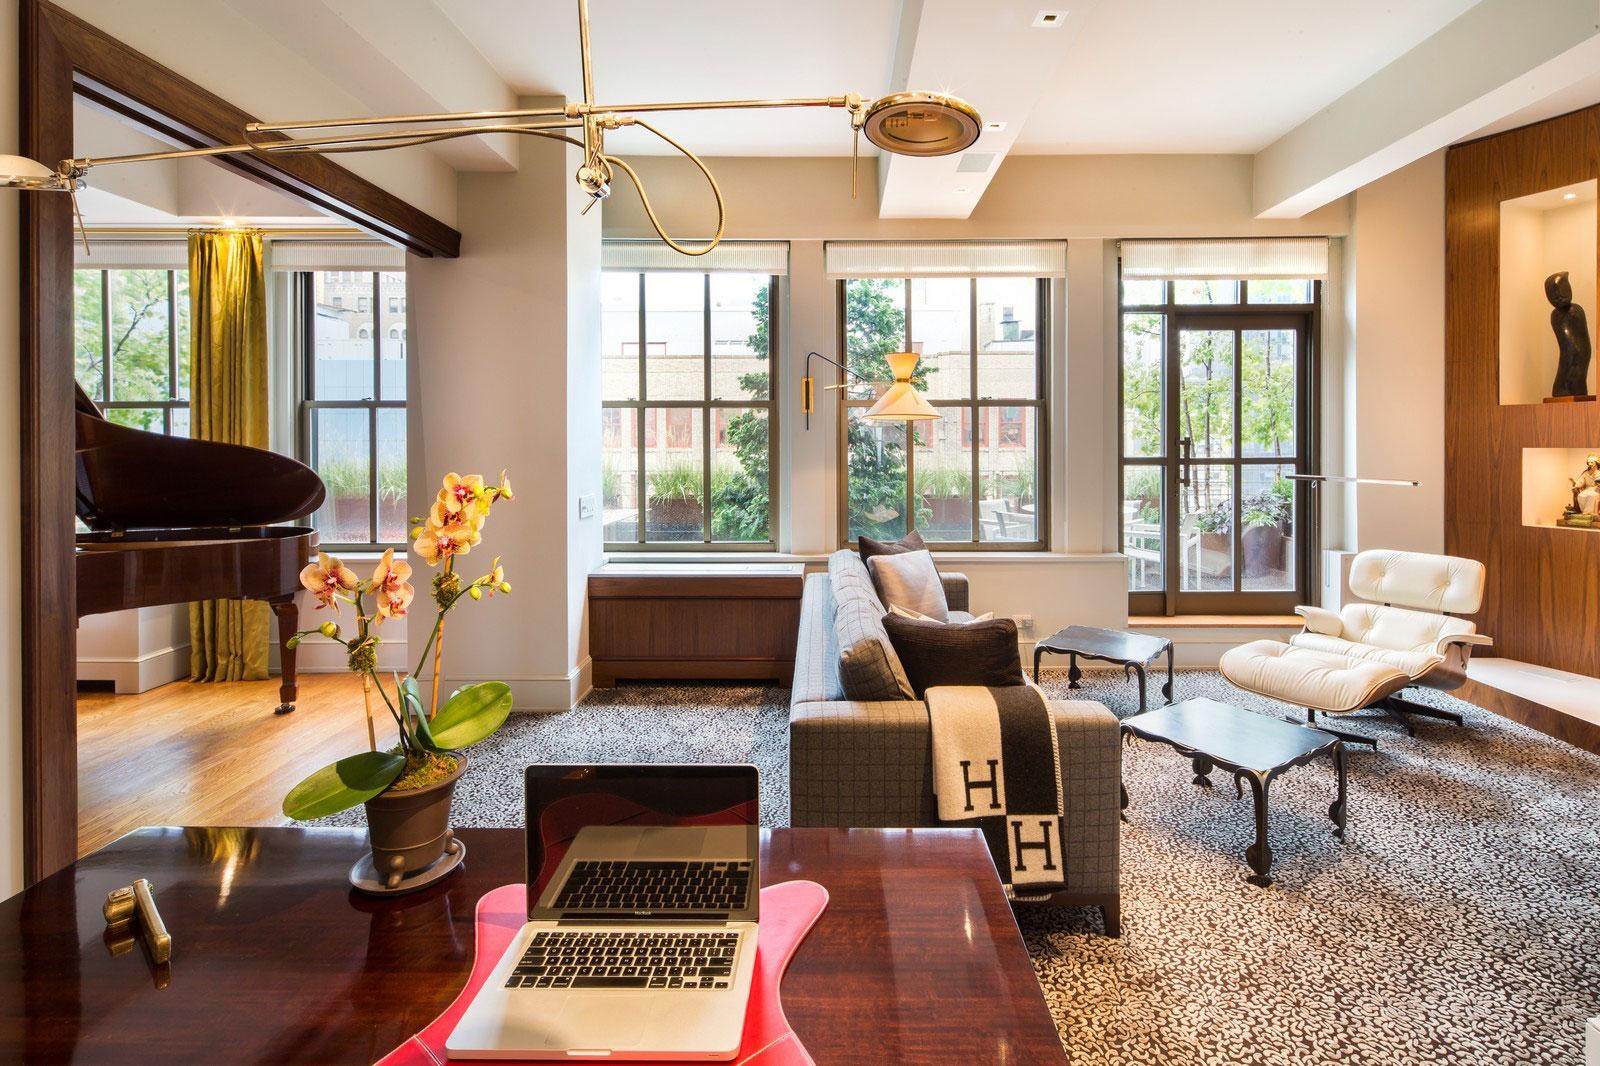 纽约曼哈顿高端公寓泡沫越吹越大 房价涨幅赶超北上深 第一财经